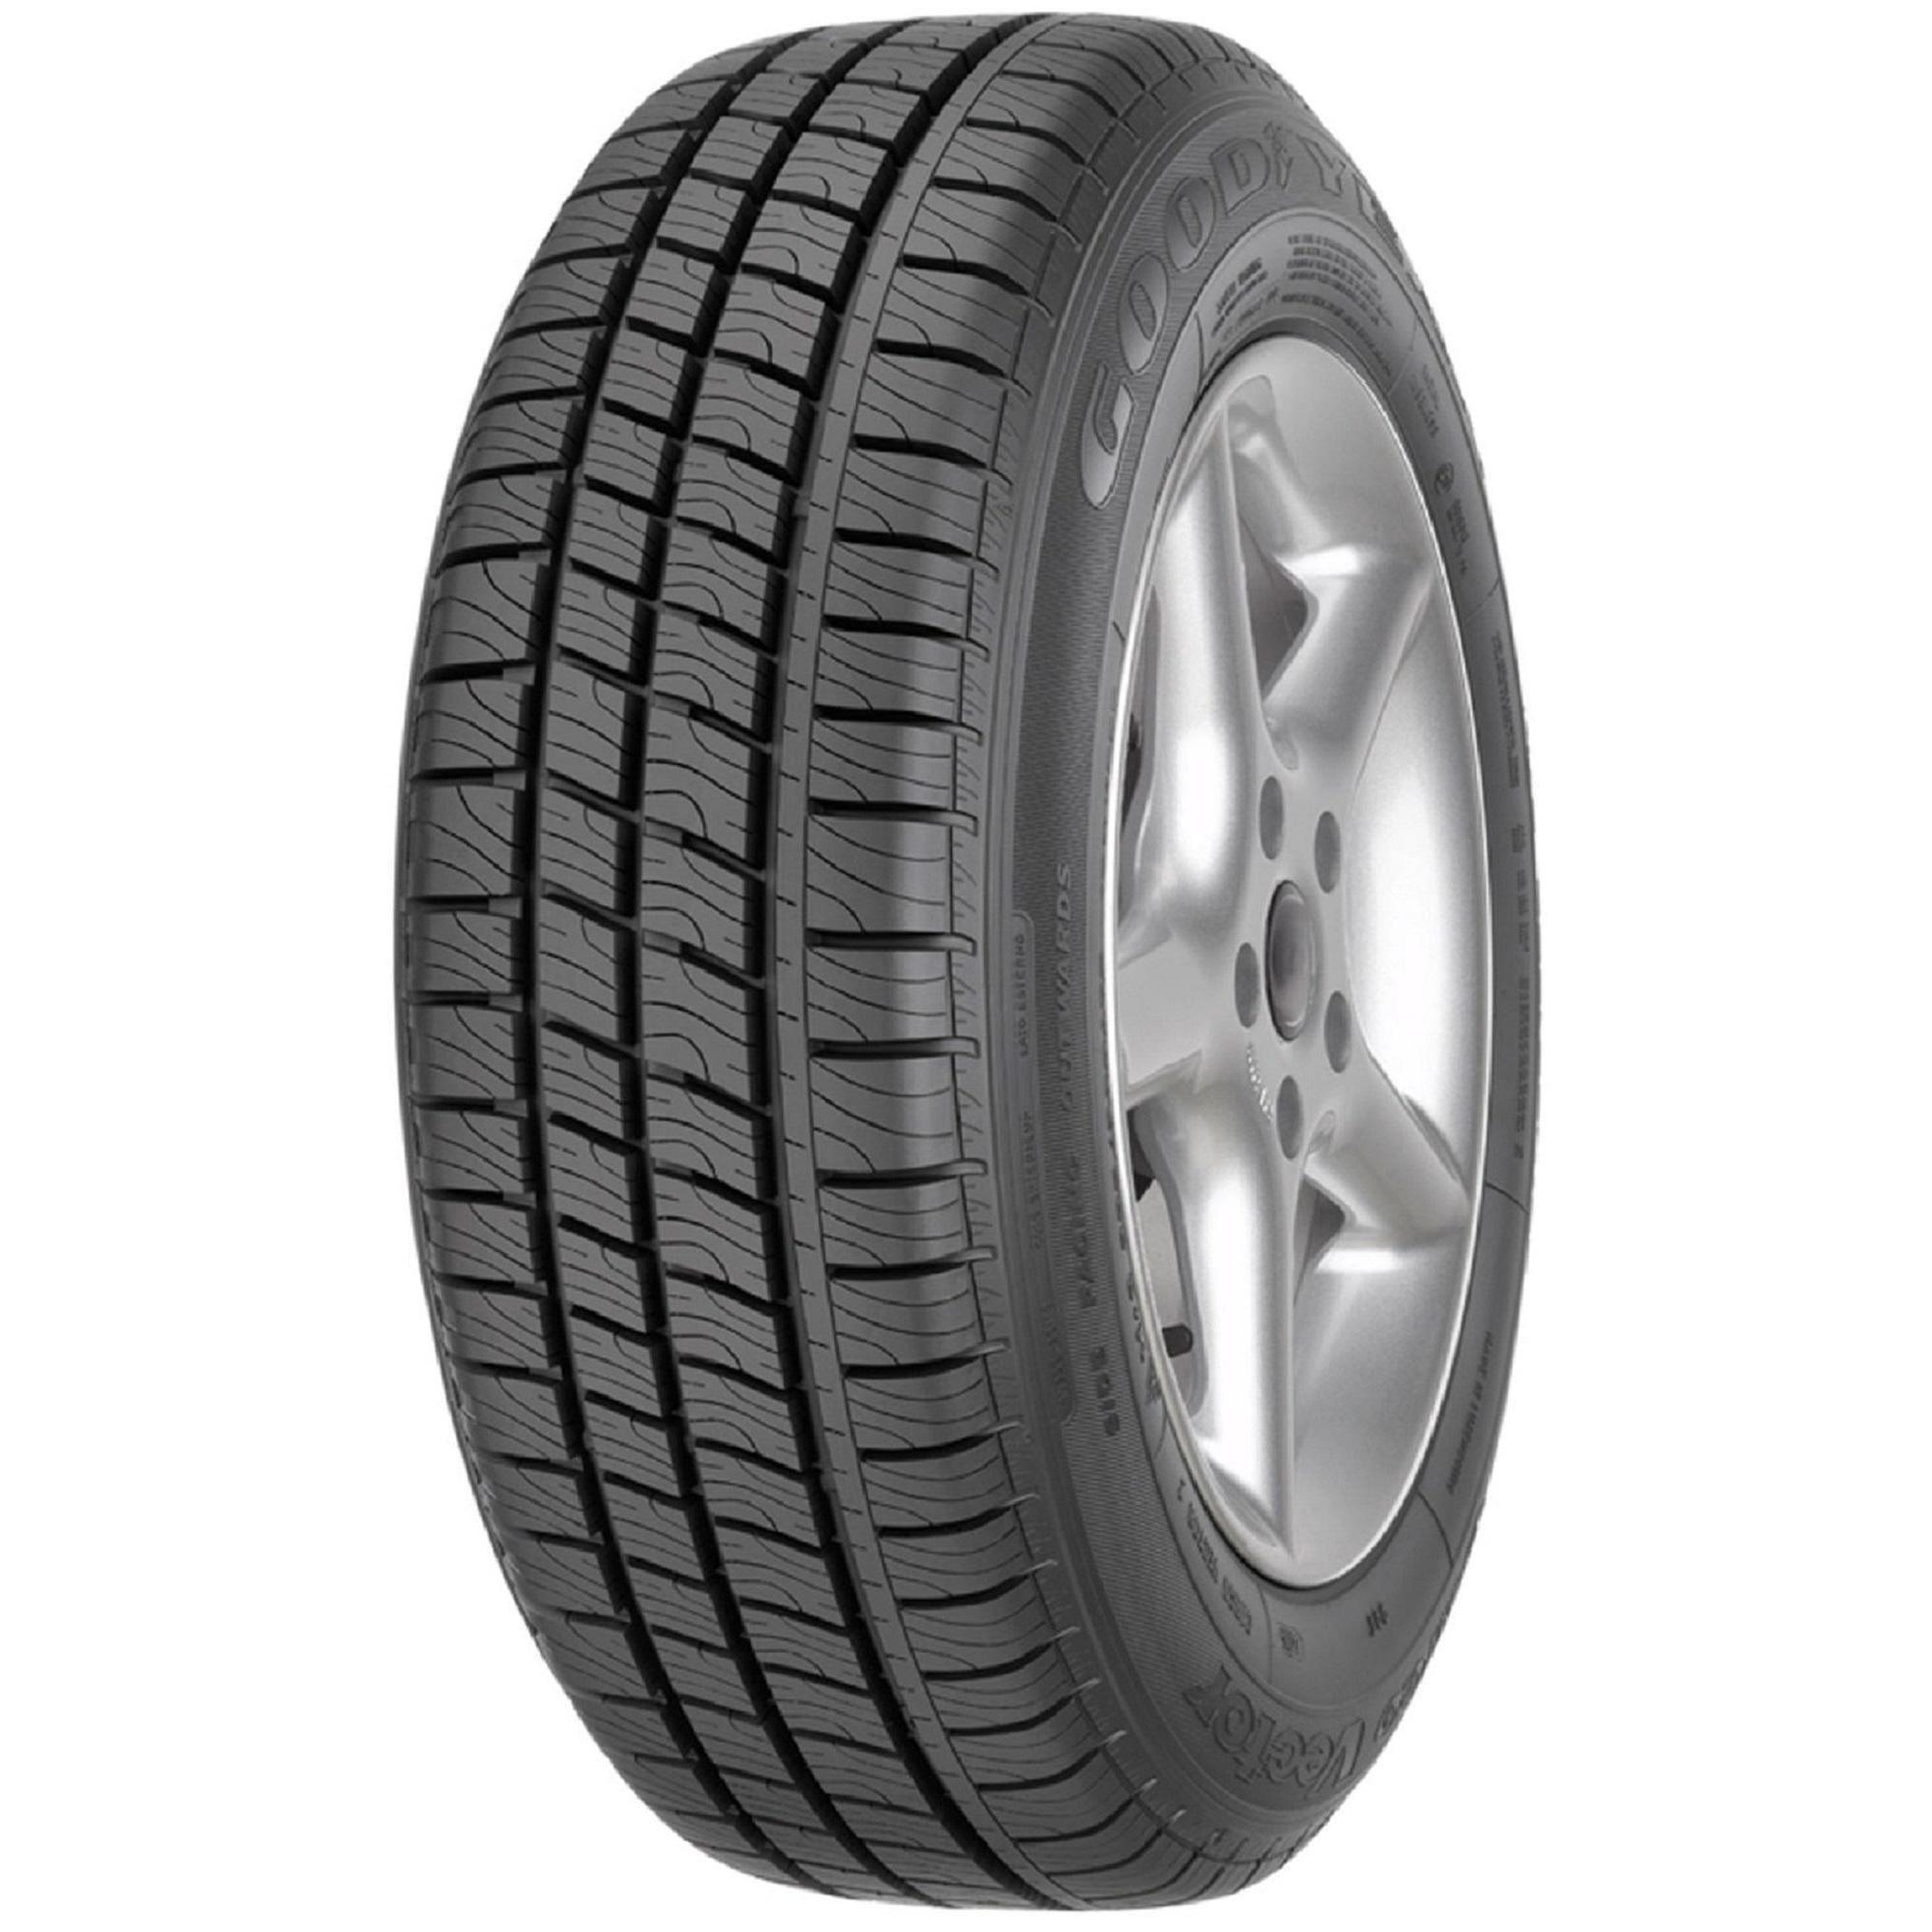 Neumático GOODYEAR CARGO VECTOR 2 215/65R16 109 T